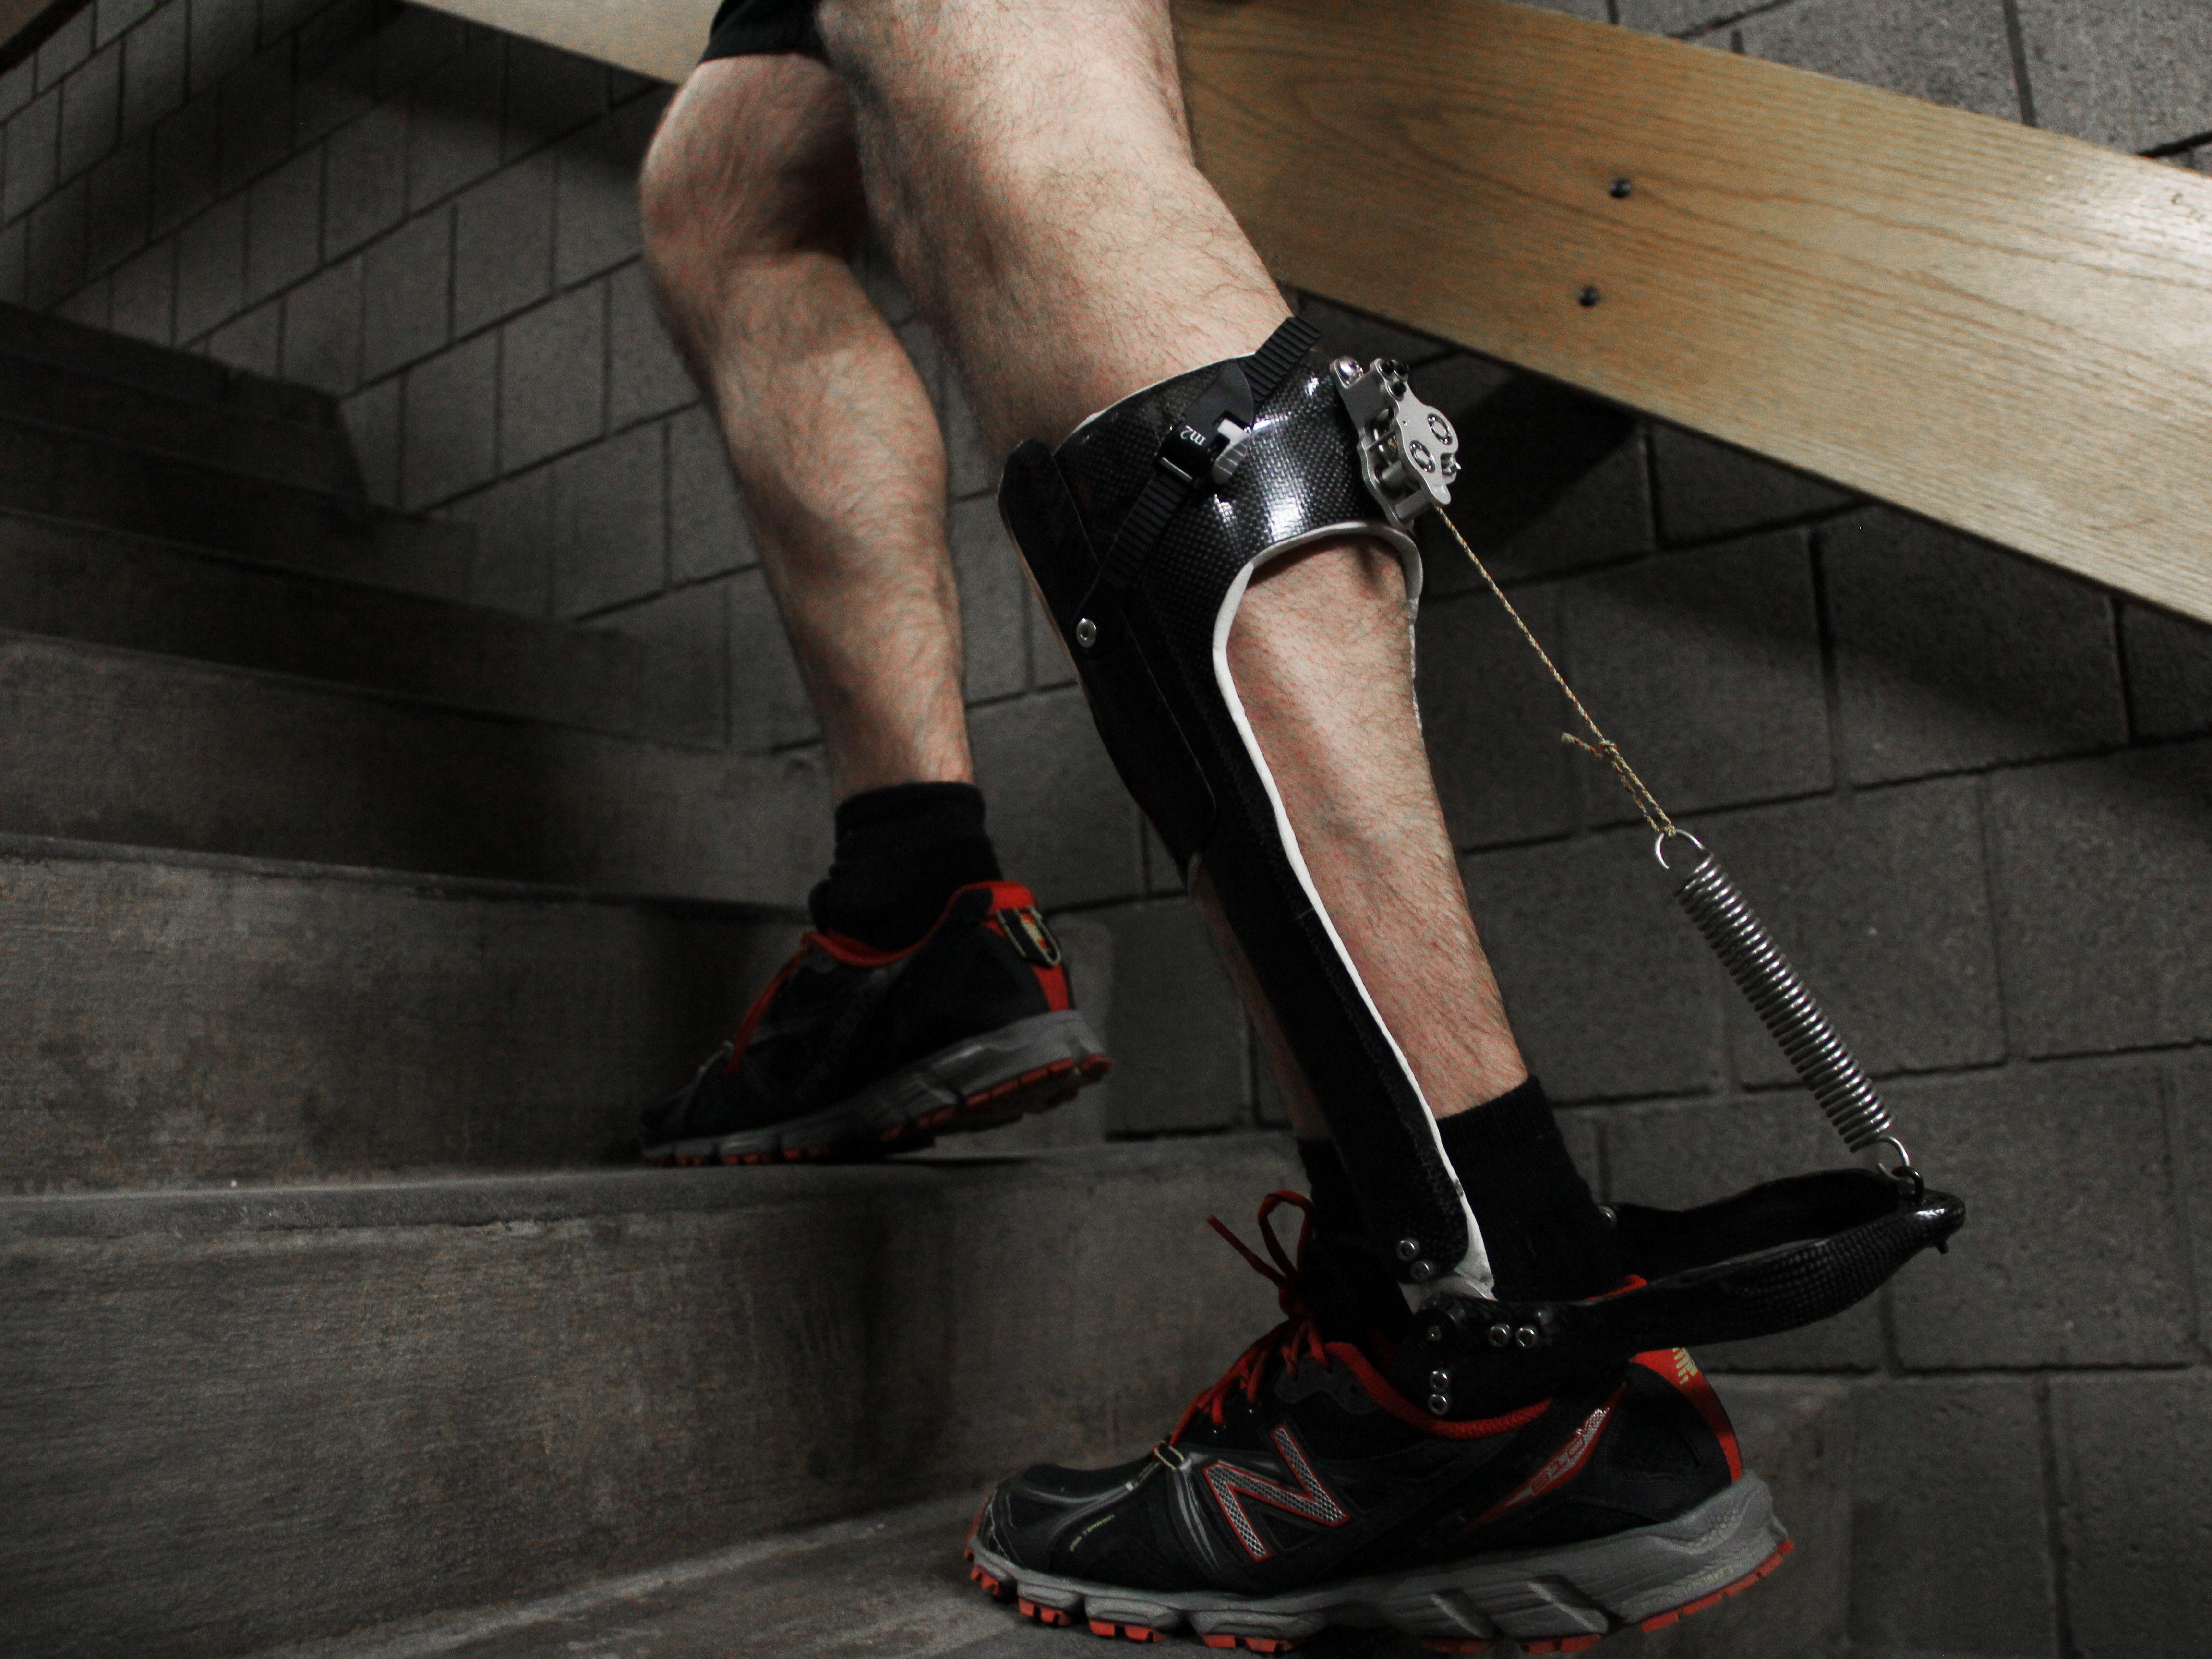 Новый экзоскелет снижает нагрузки на ноги человека при ходьбе